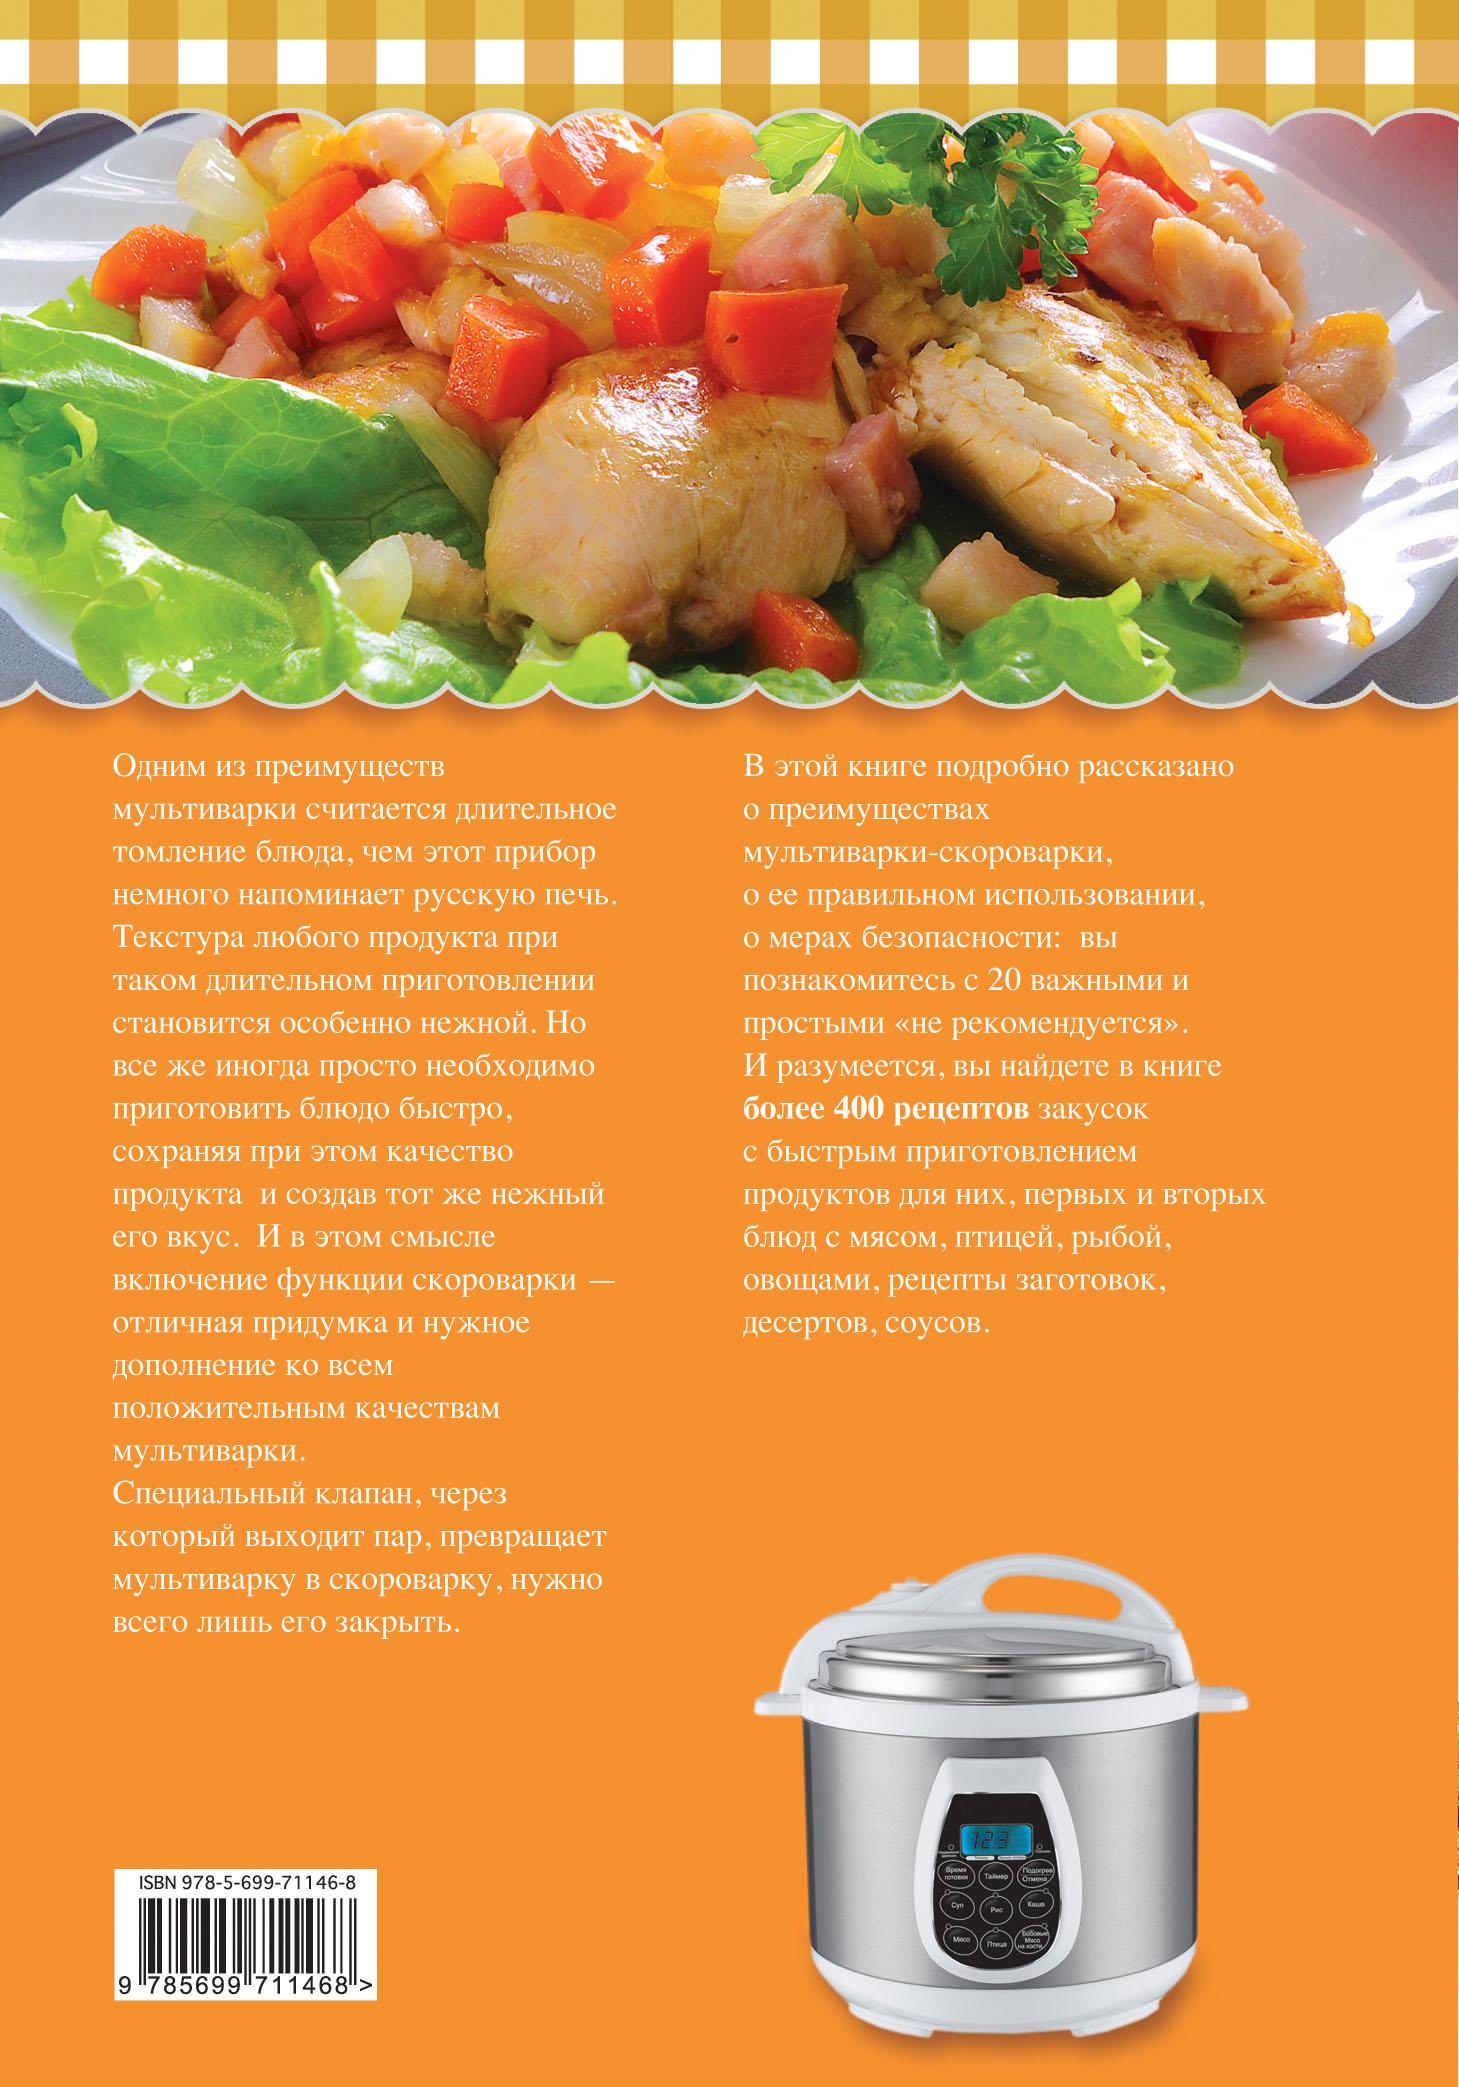 Мультиварка рецепты быстро и вкусно с фото